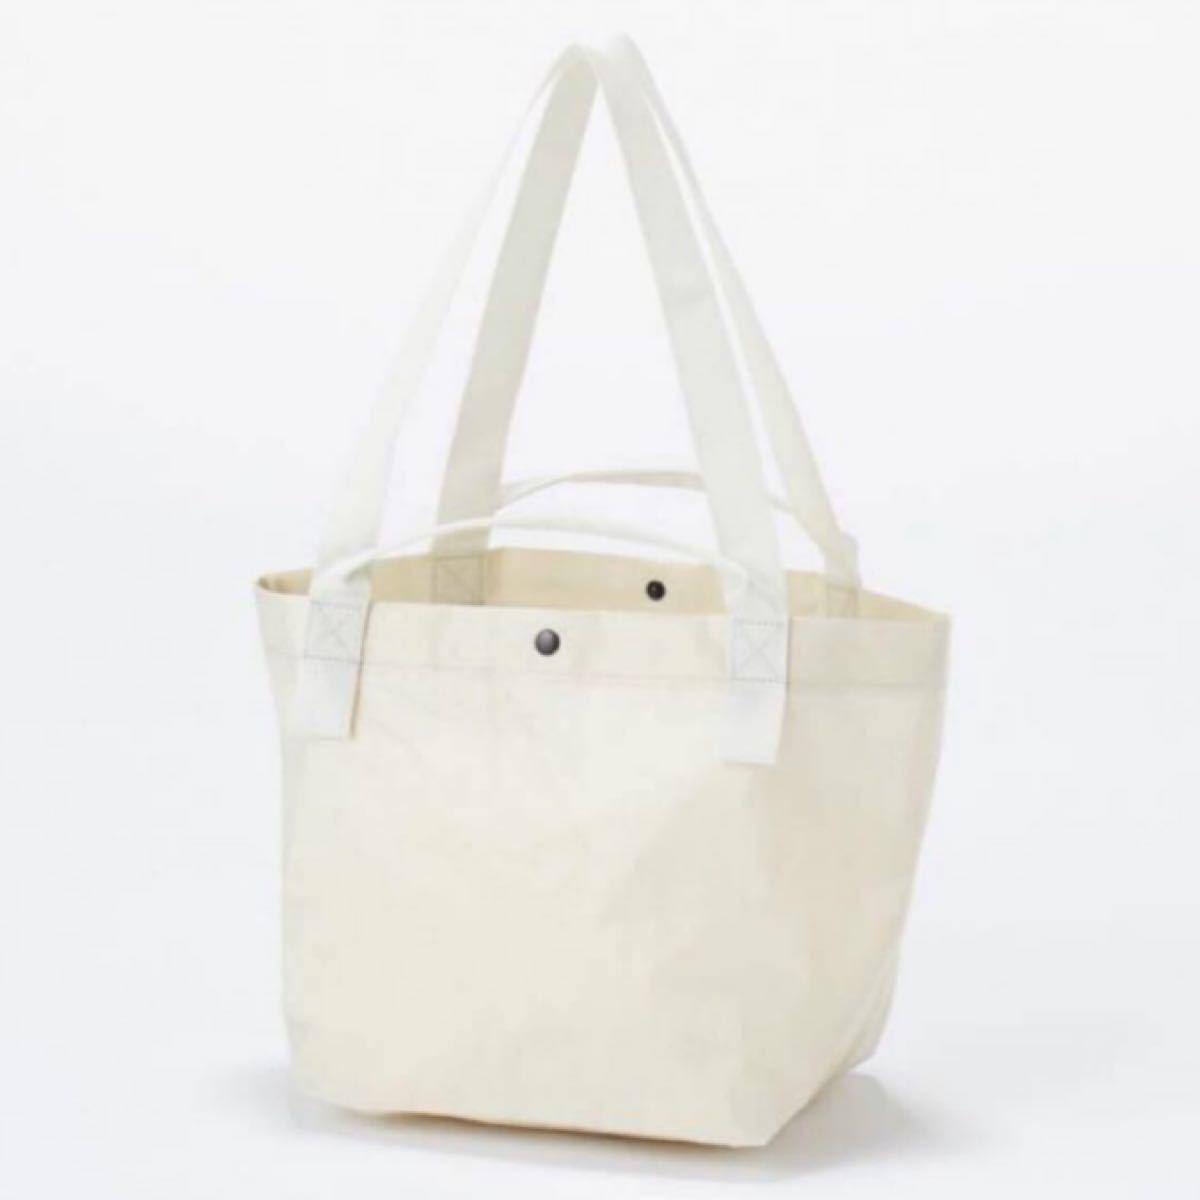 新品 無印良品 ポリエチレンシート ミニトートバッグ エコバッグ